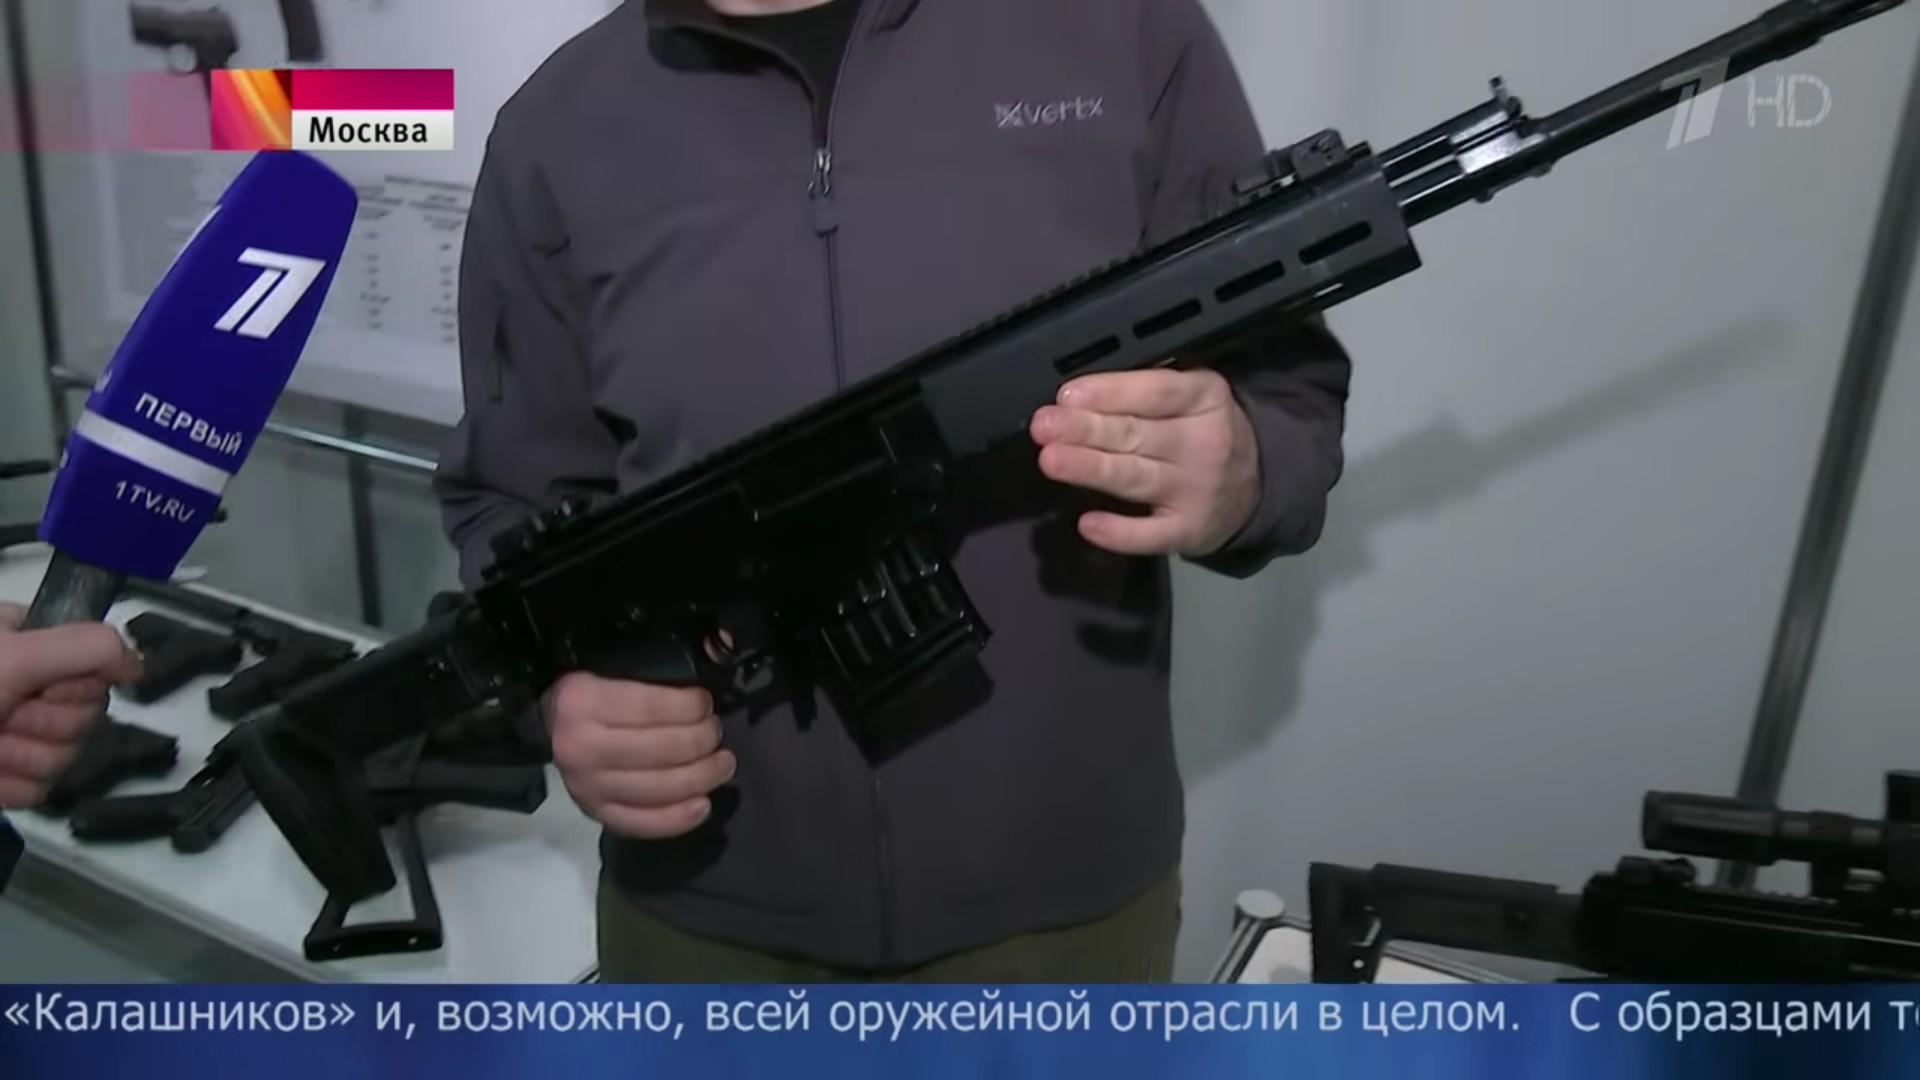 http://sf.uploads.ru/p5nGo.jpg